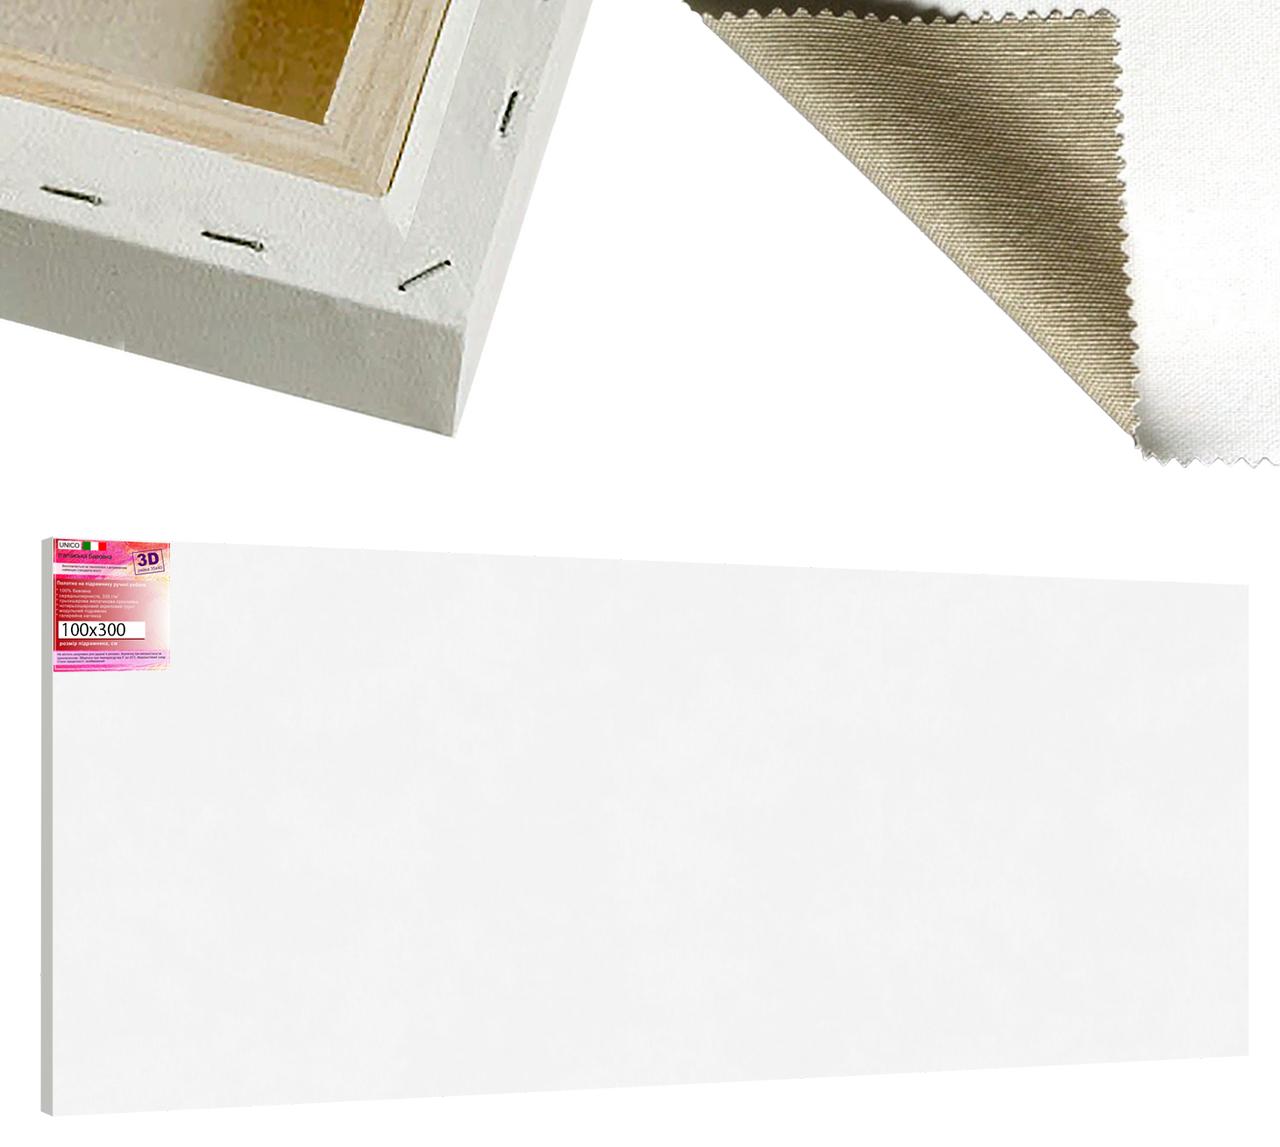 Холст на подрамнике Factura Unico3D 100х300 см Итальянский хлопок 335 грамм кв.м. среднее зерно белый